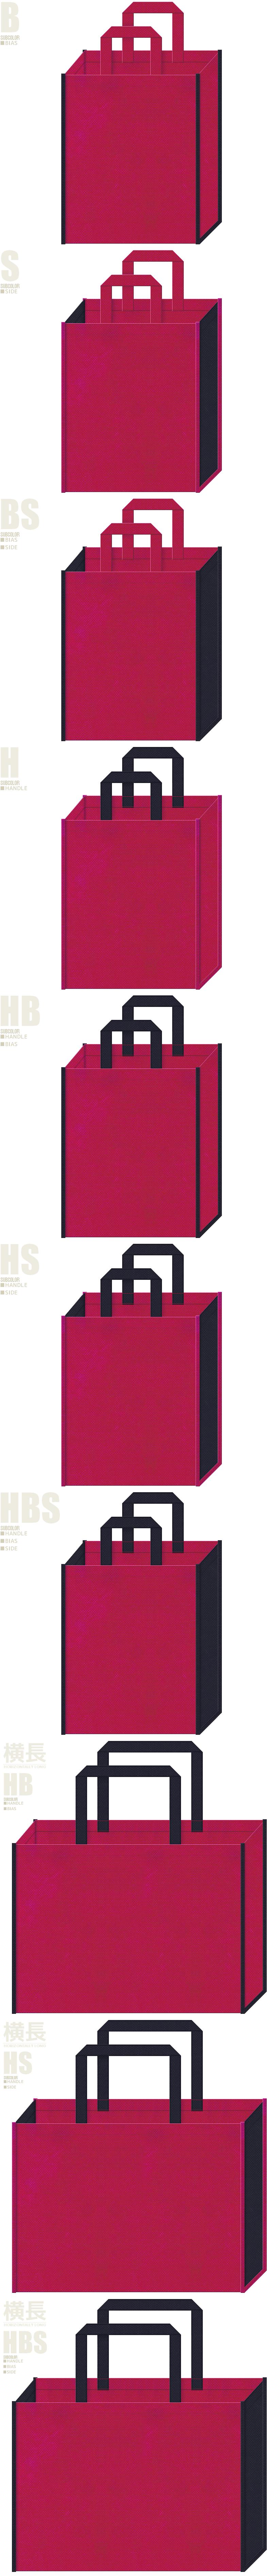 アリーナ・ユニフォーム・シューズ・レッスンバッグ・アウトドア・スポーツイベントにお奨めの不織布バッグデザイン:濃いピンク色と濃紺色の配色7パターン